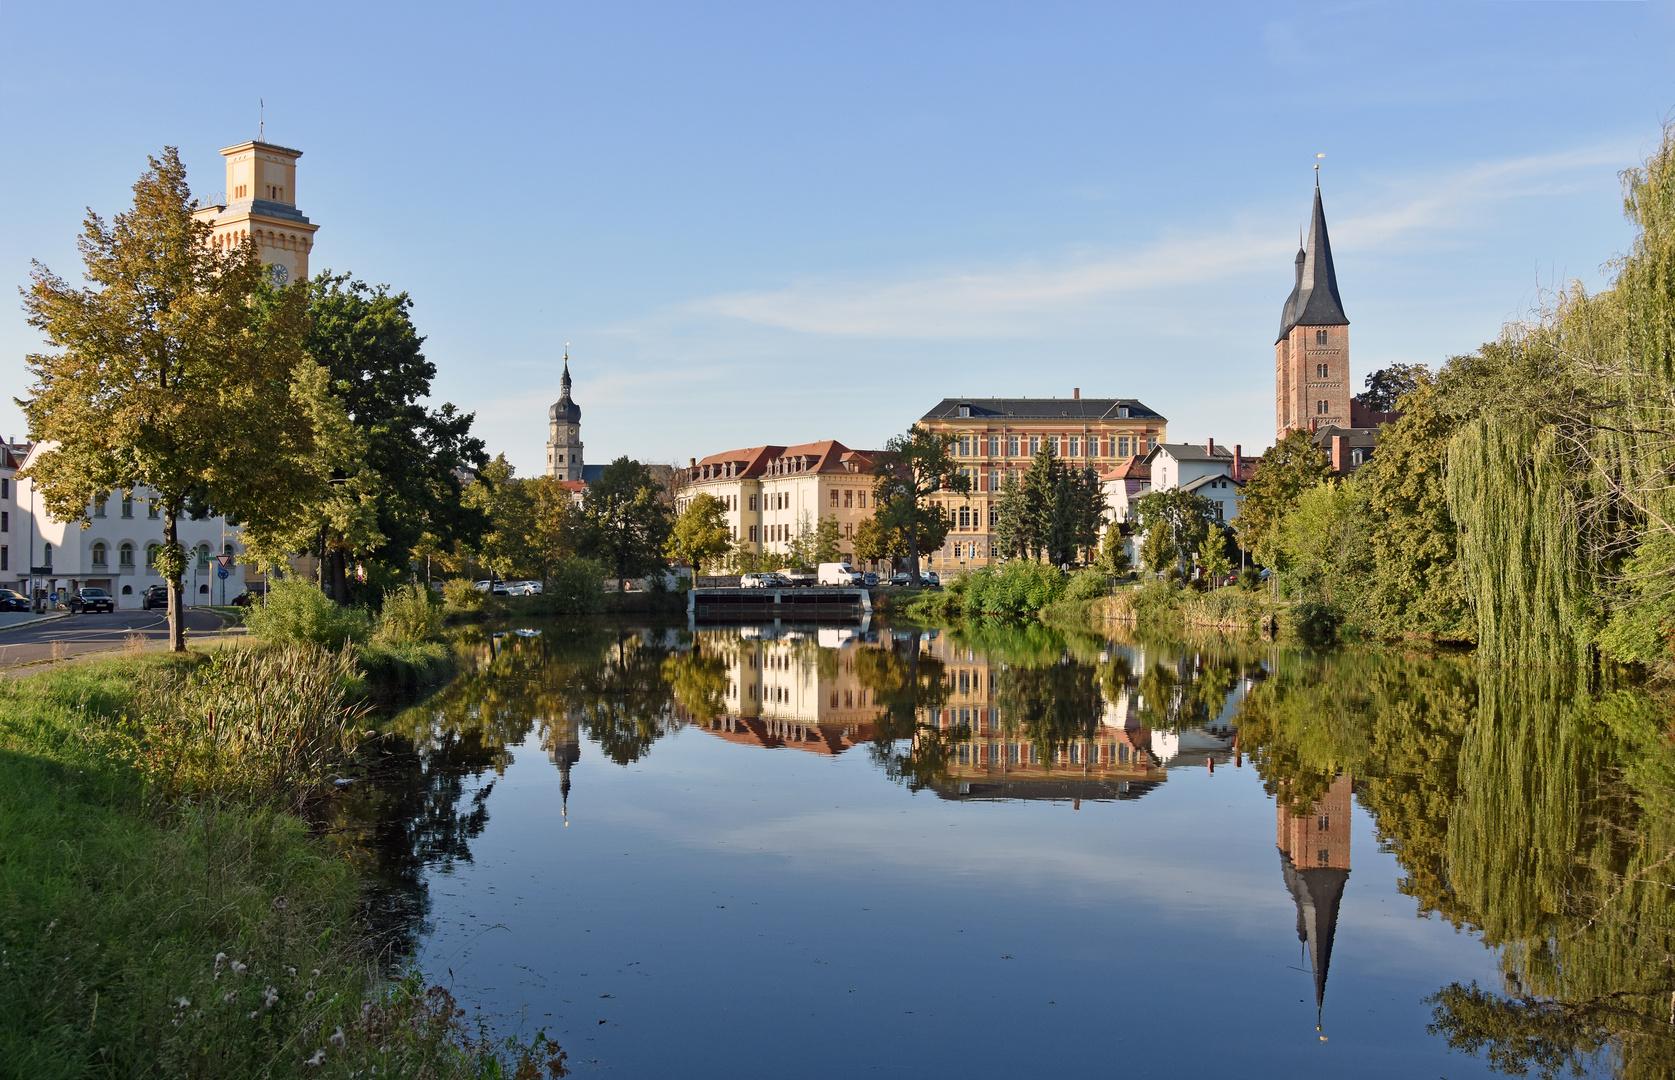 Blick über den Kleinen Teich in Altenburg